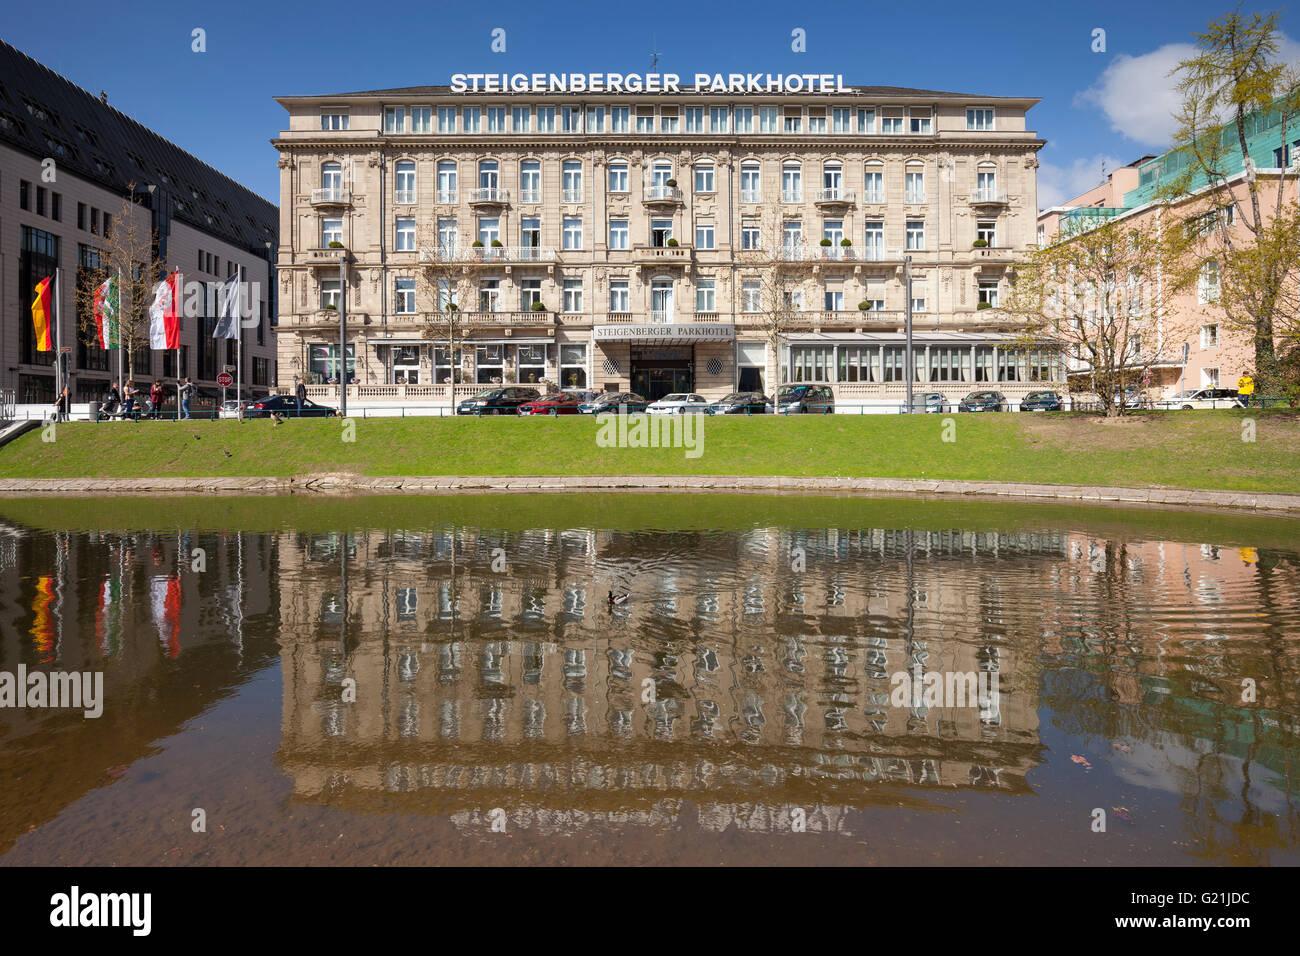 steigenberger parkhotel 5 sterne hotel d sseldorf nordrhein westfalen deutschland stockfoto. Black Bedroom Furniture Sets. Home Design Ideas